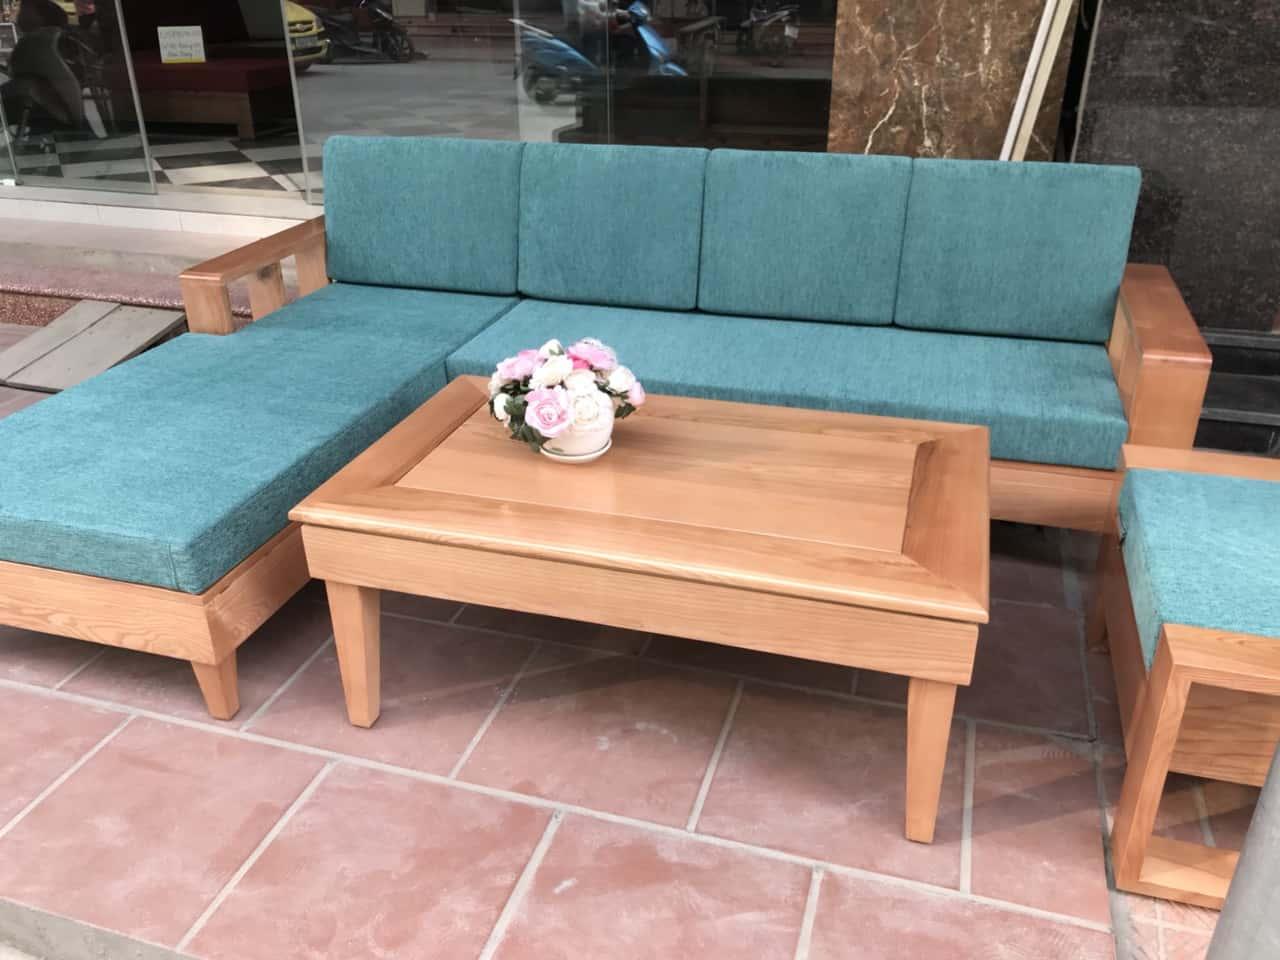 90fce873c2a424fa7db5 - Bộ sưu tập bộ sofa gỗ đẹp nhất được nhiều người thích hiện nay